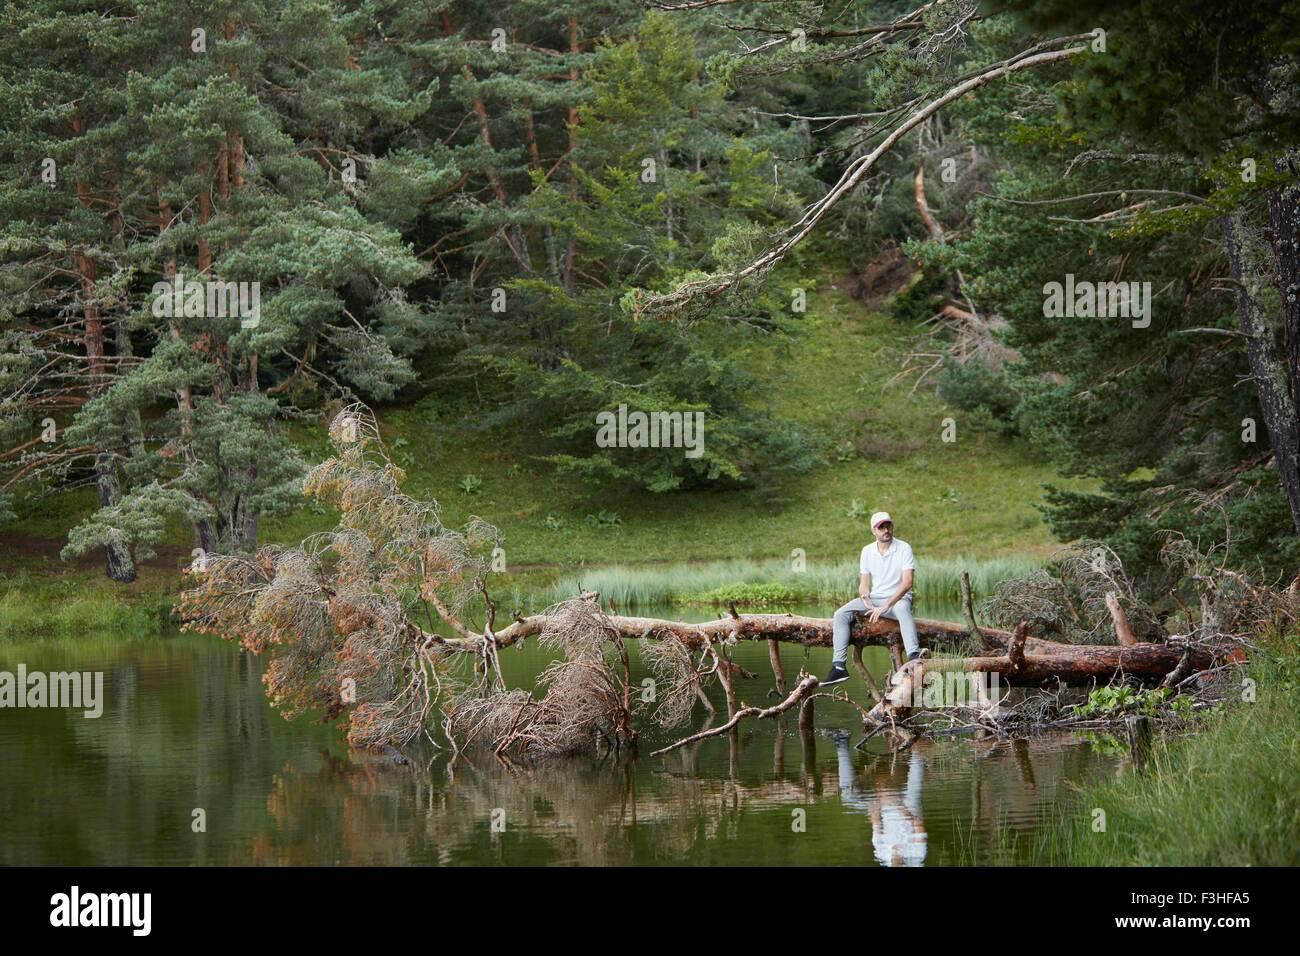 Man on fallen tree near lake, Valle de Aran, Spain - Stock Image